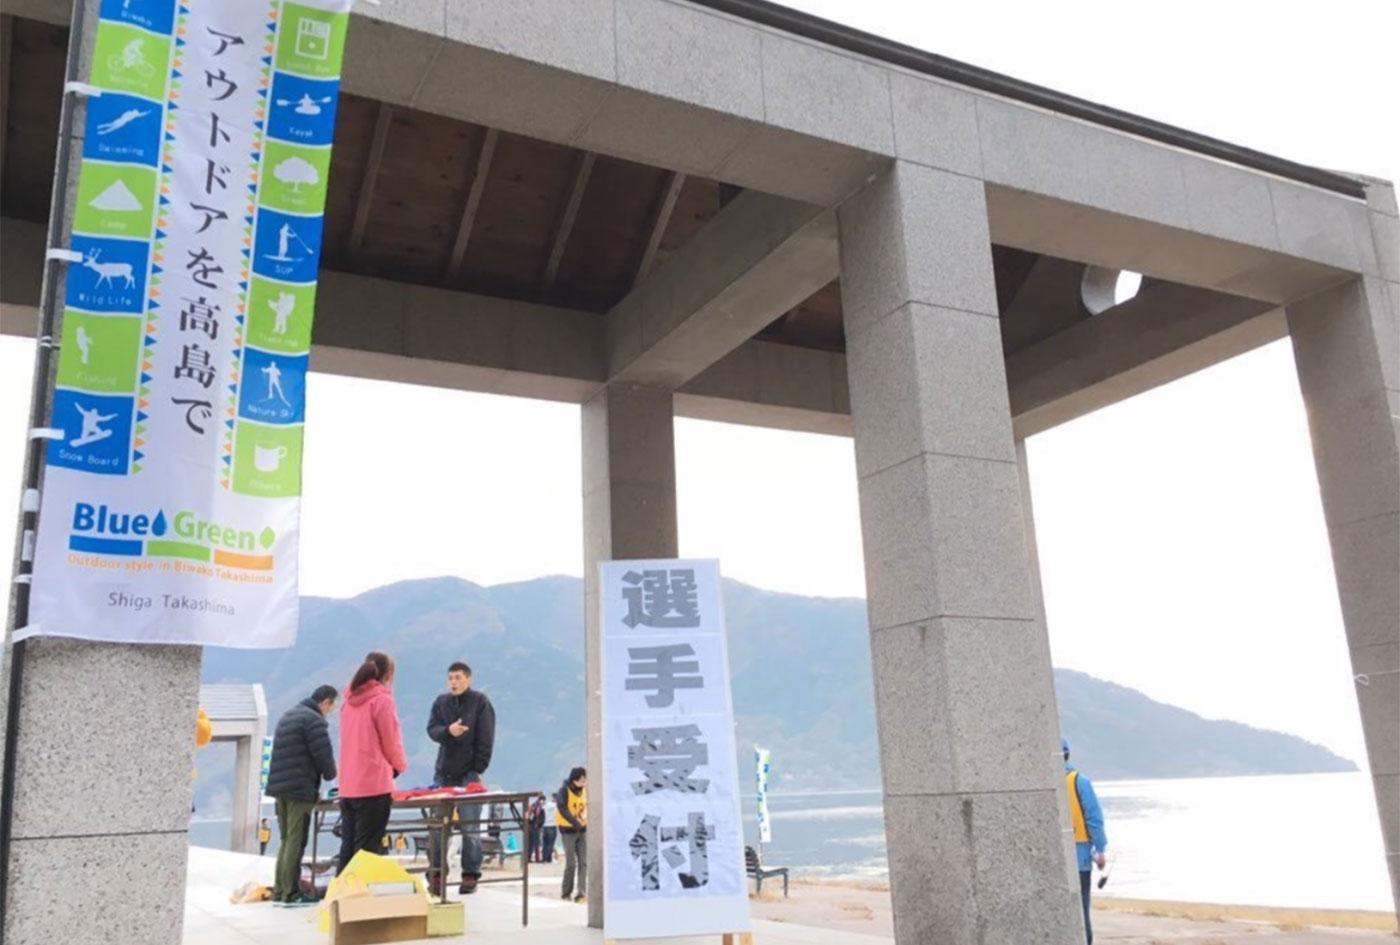 びわ湖ウォータートレイルSUP駅伝 | 滋賀県